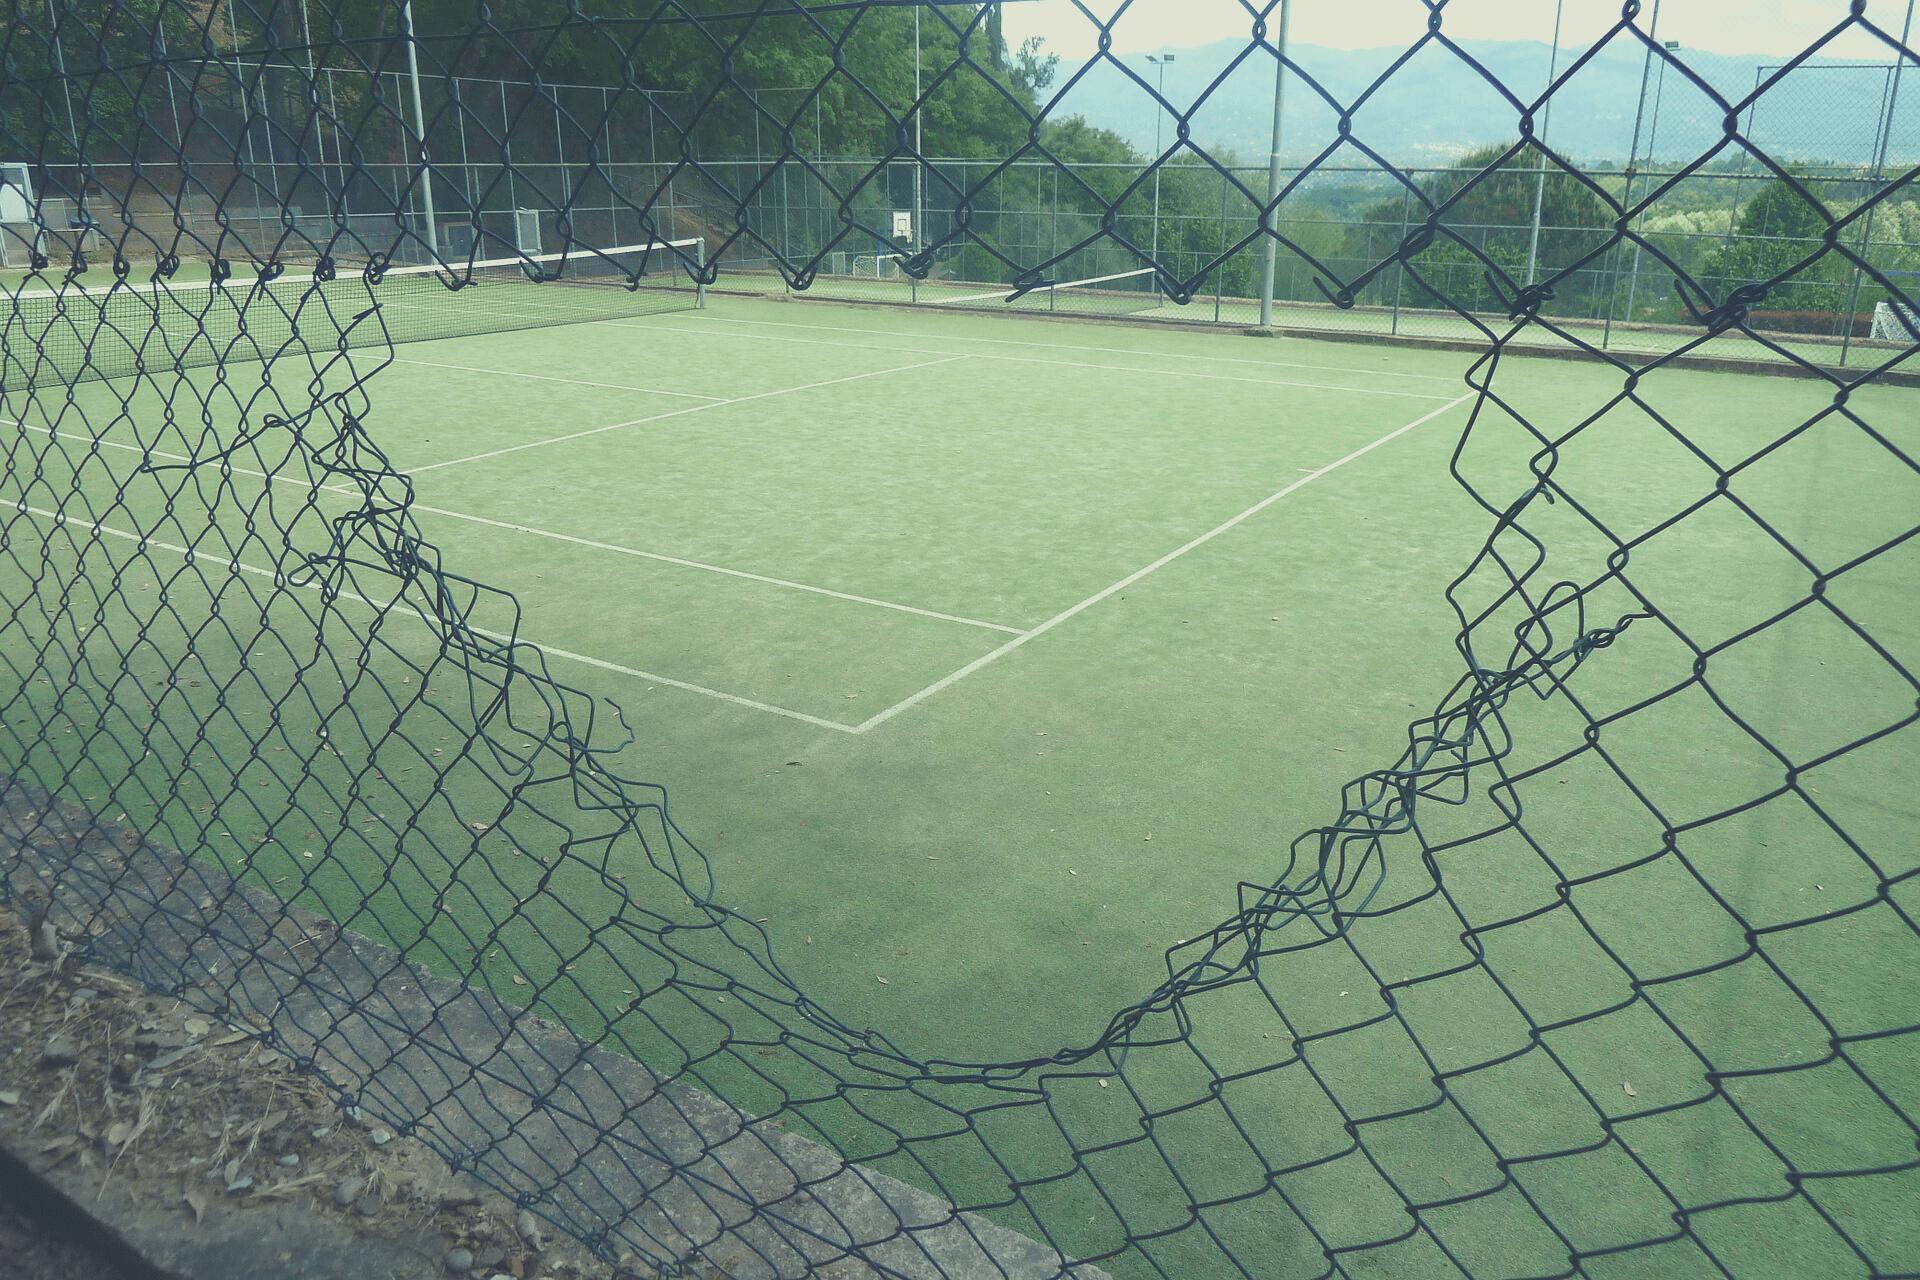 Mantenimiento de pistas deportivas